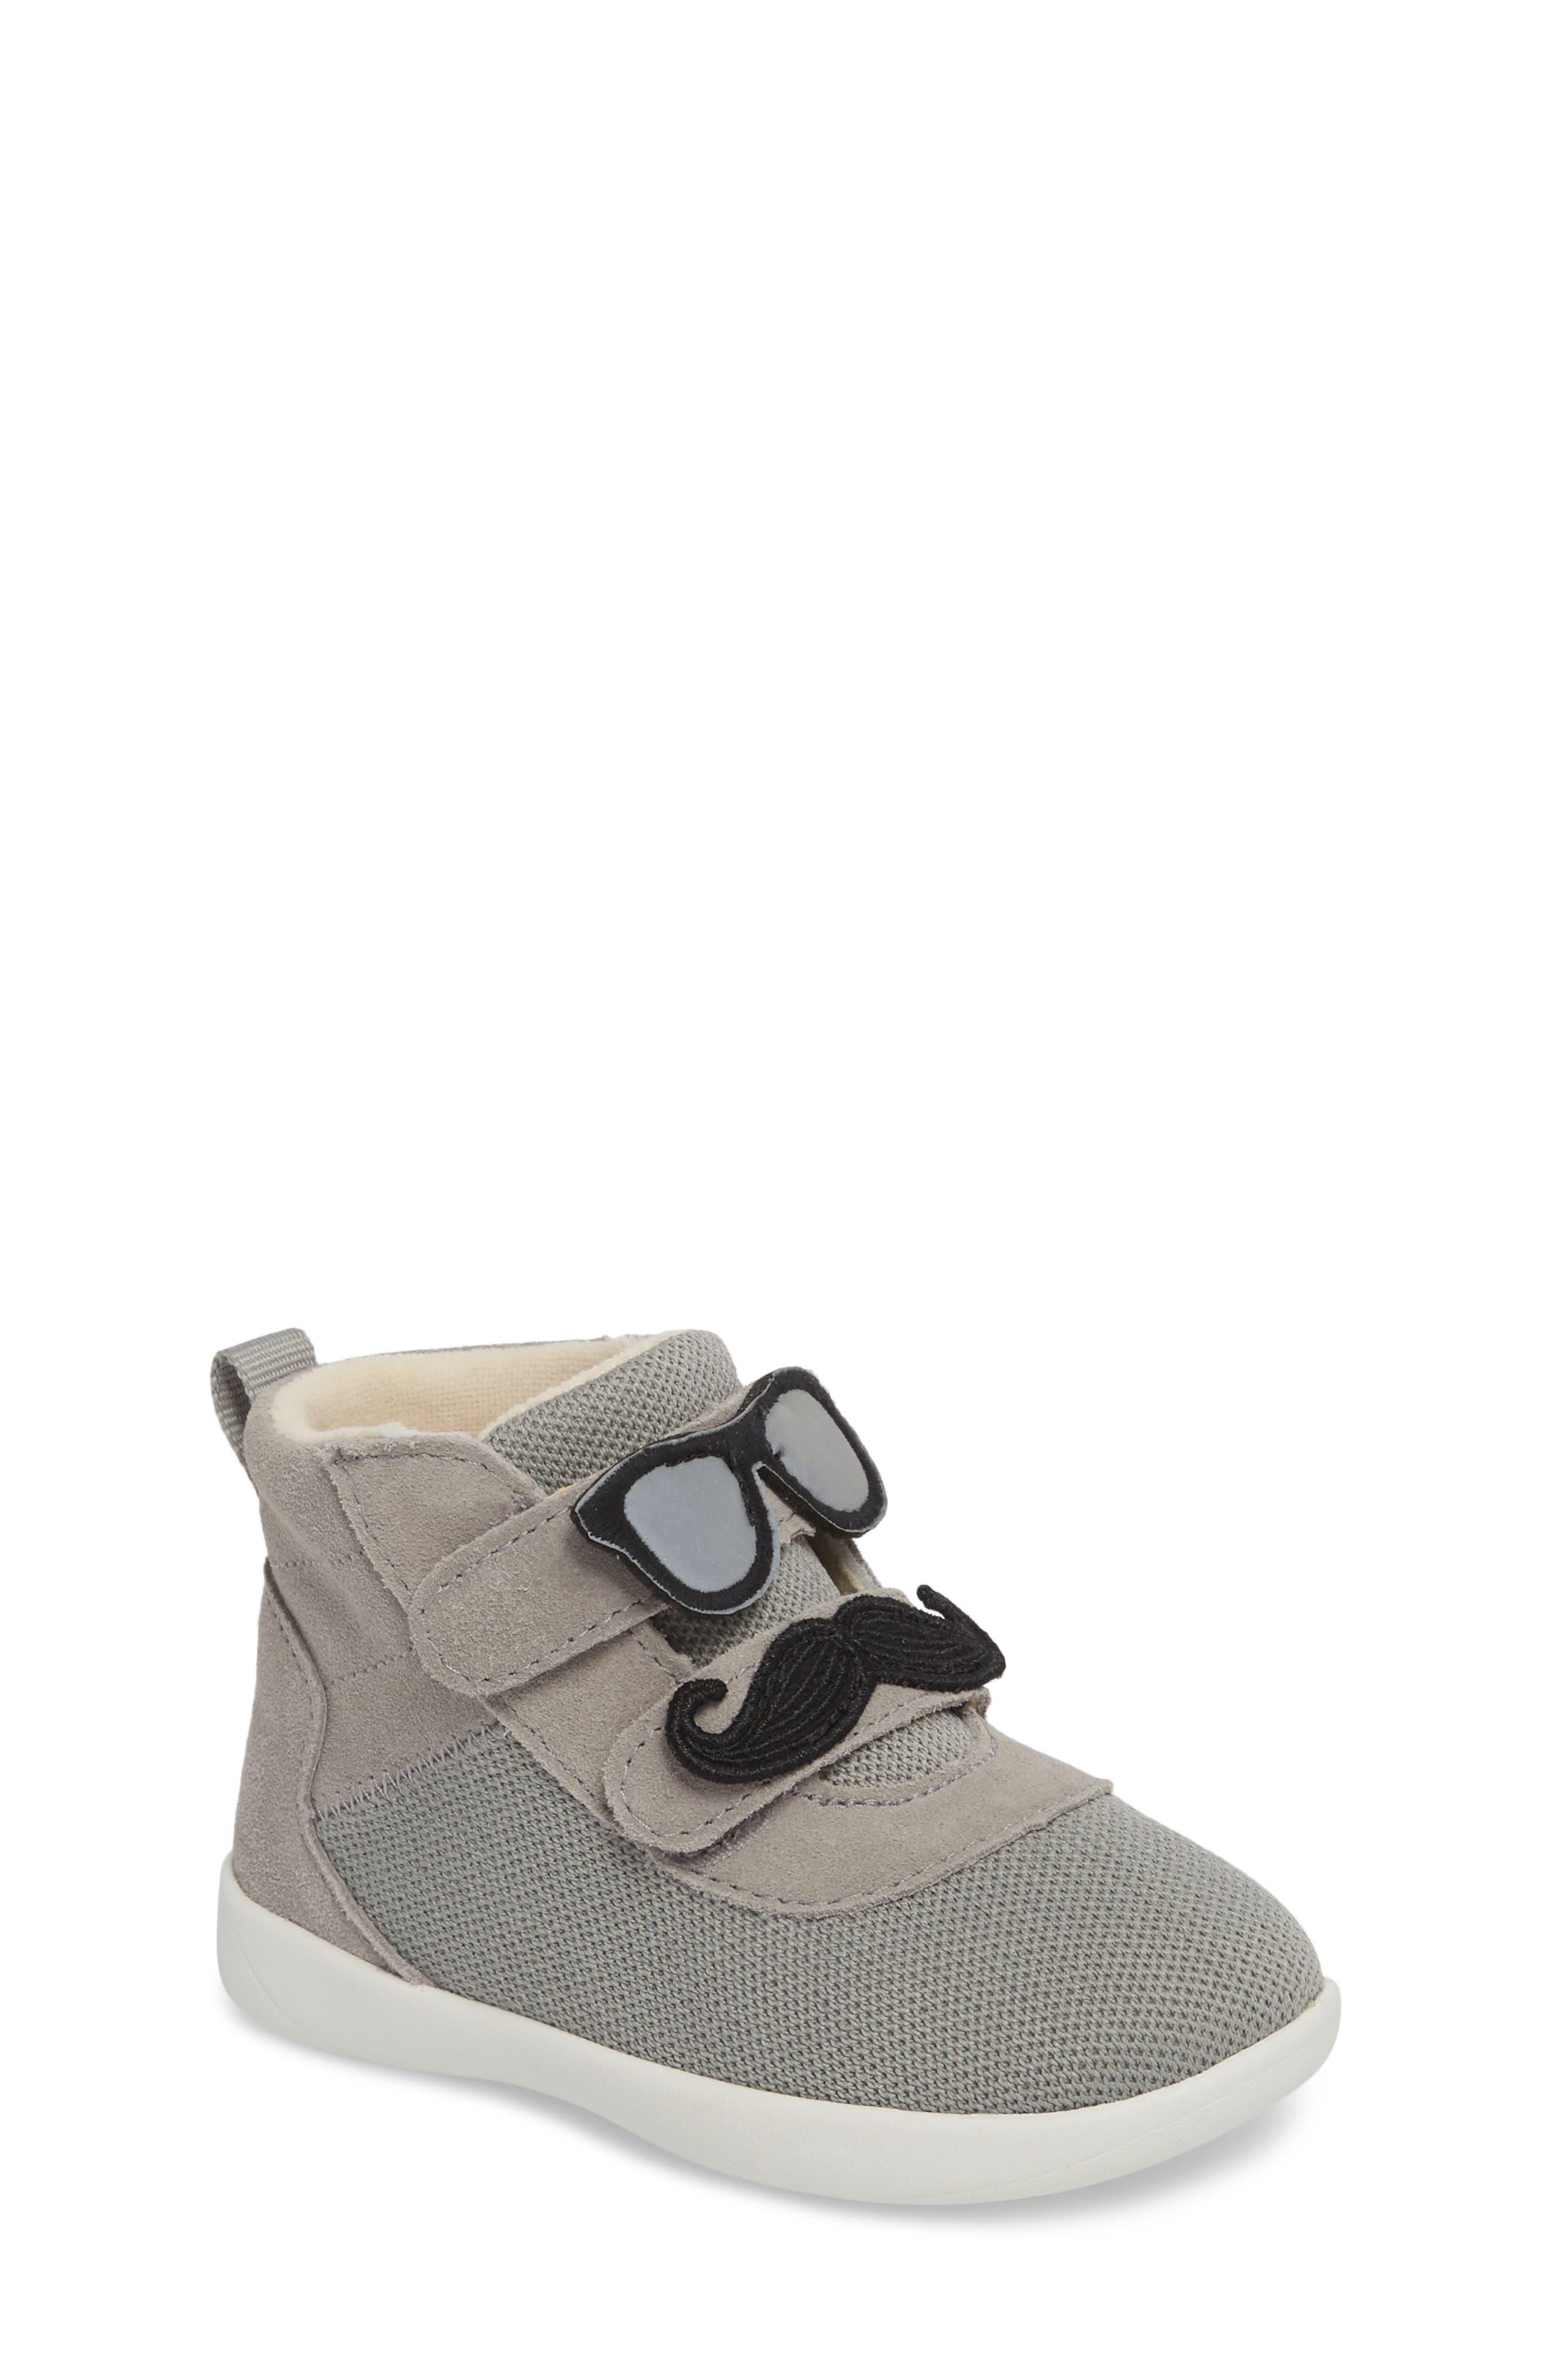 Drex Sunglasses & Mustache Appliqué Sneaker,                             Main thumbnail 1, color,                             Seal